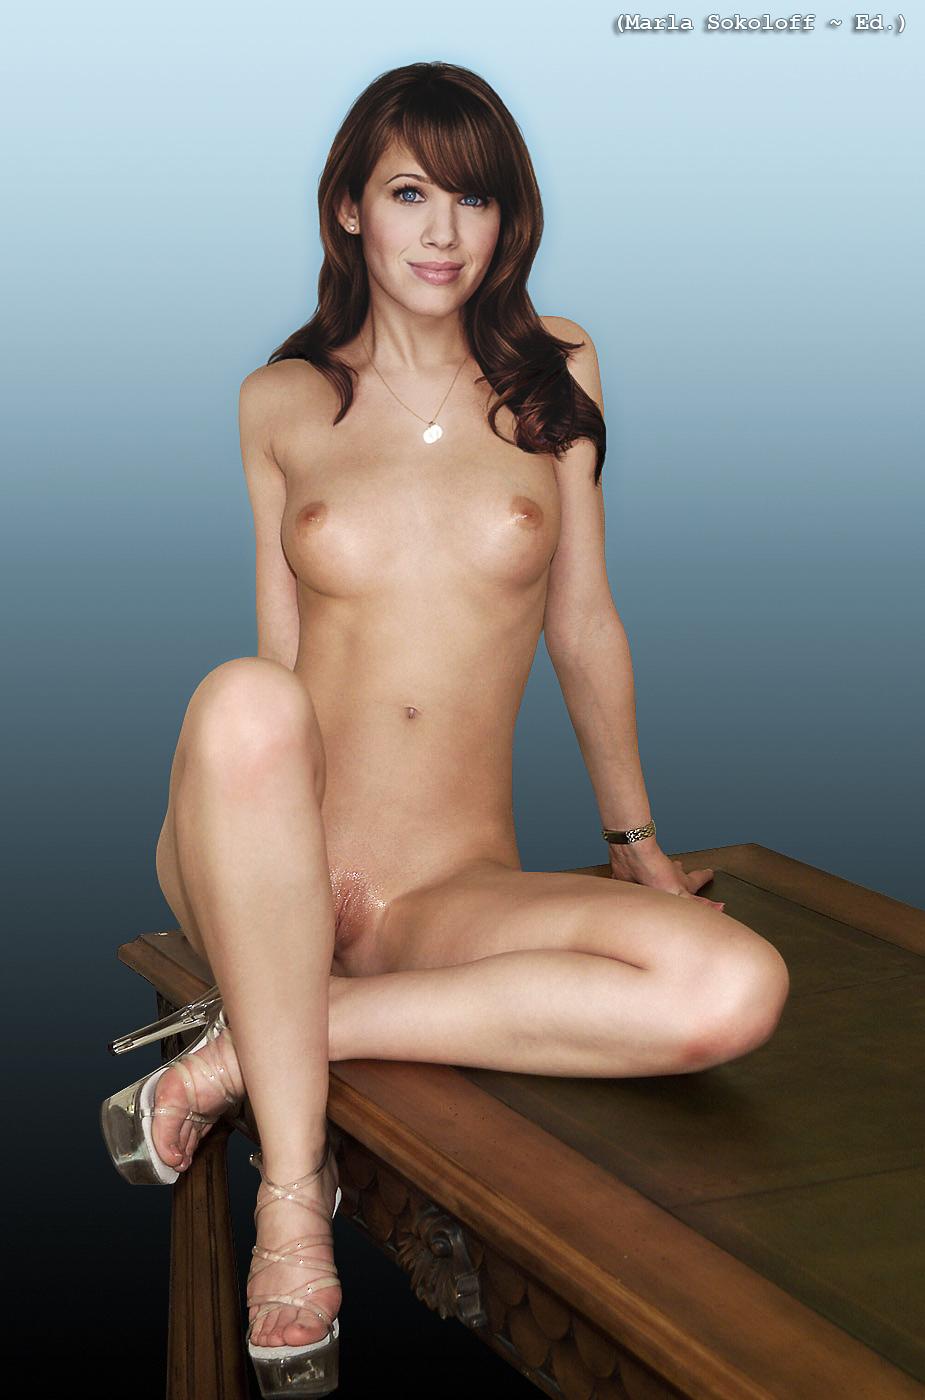 Marla sokoloff naked